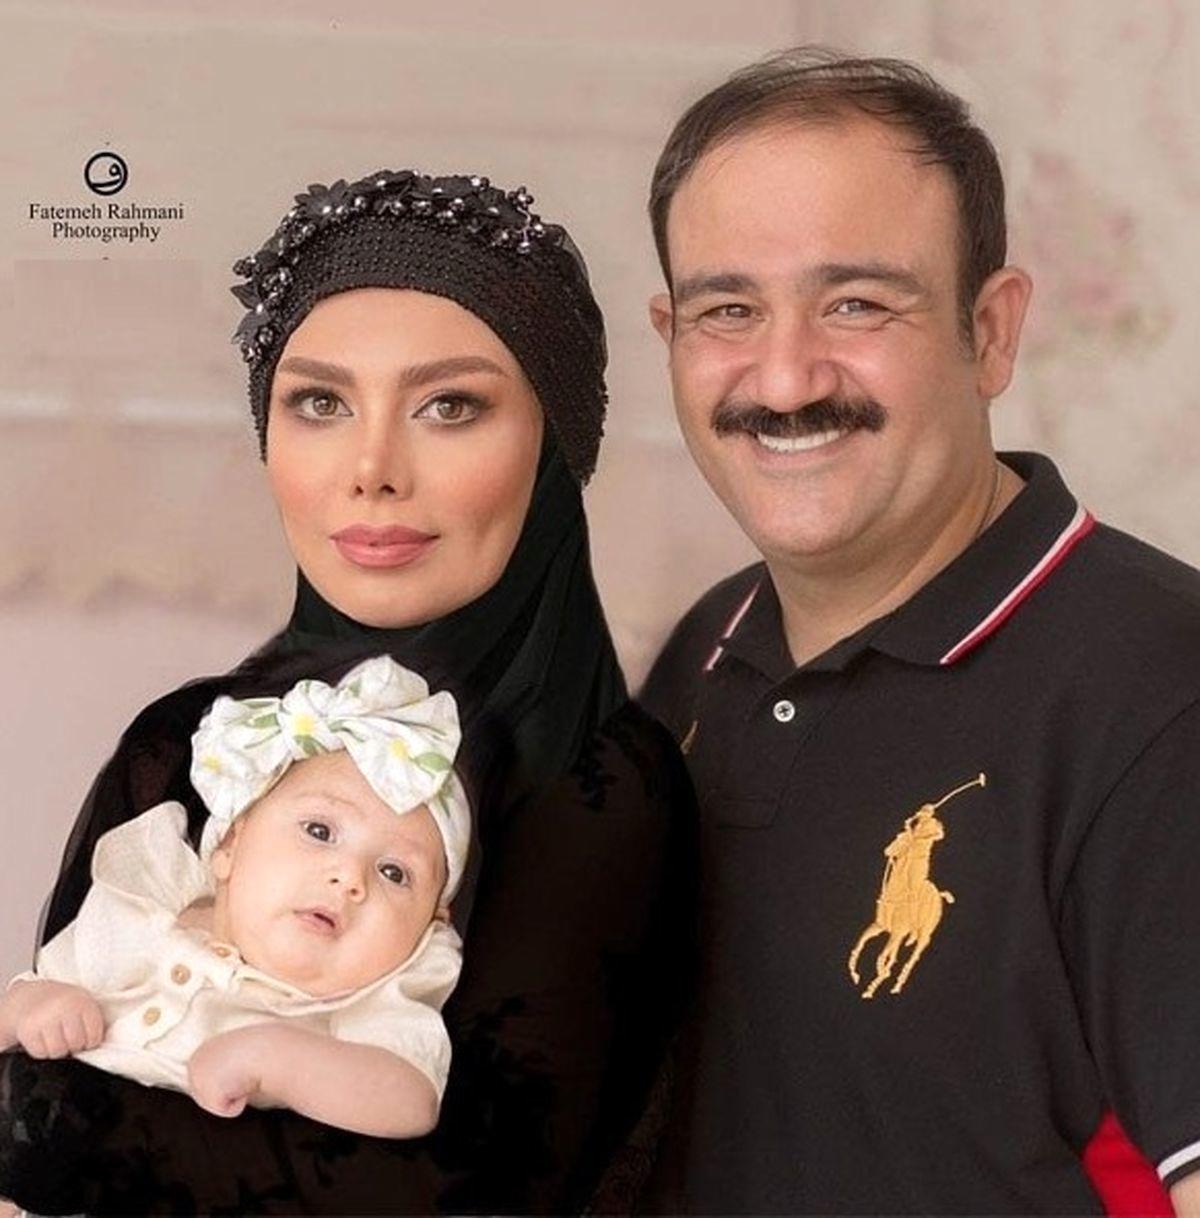 مهران غفوریان  عکسهای دیده نشده با همسرش در تولد لاکچری هانا ...